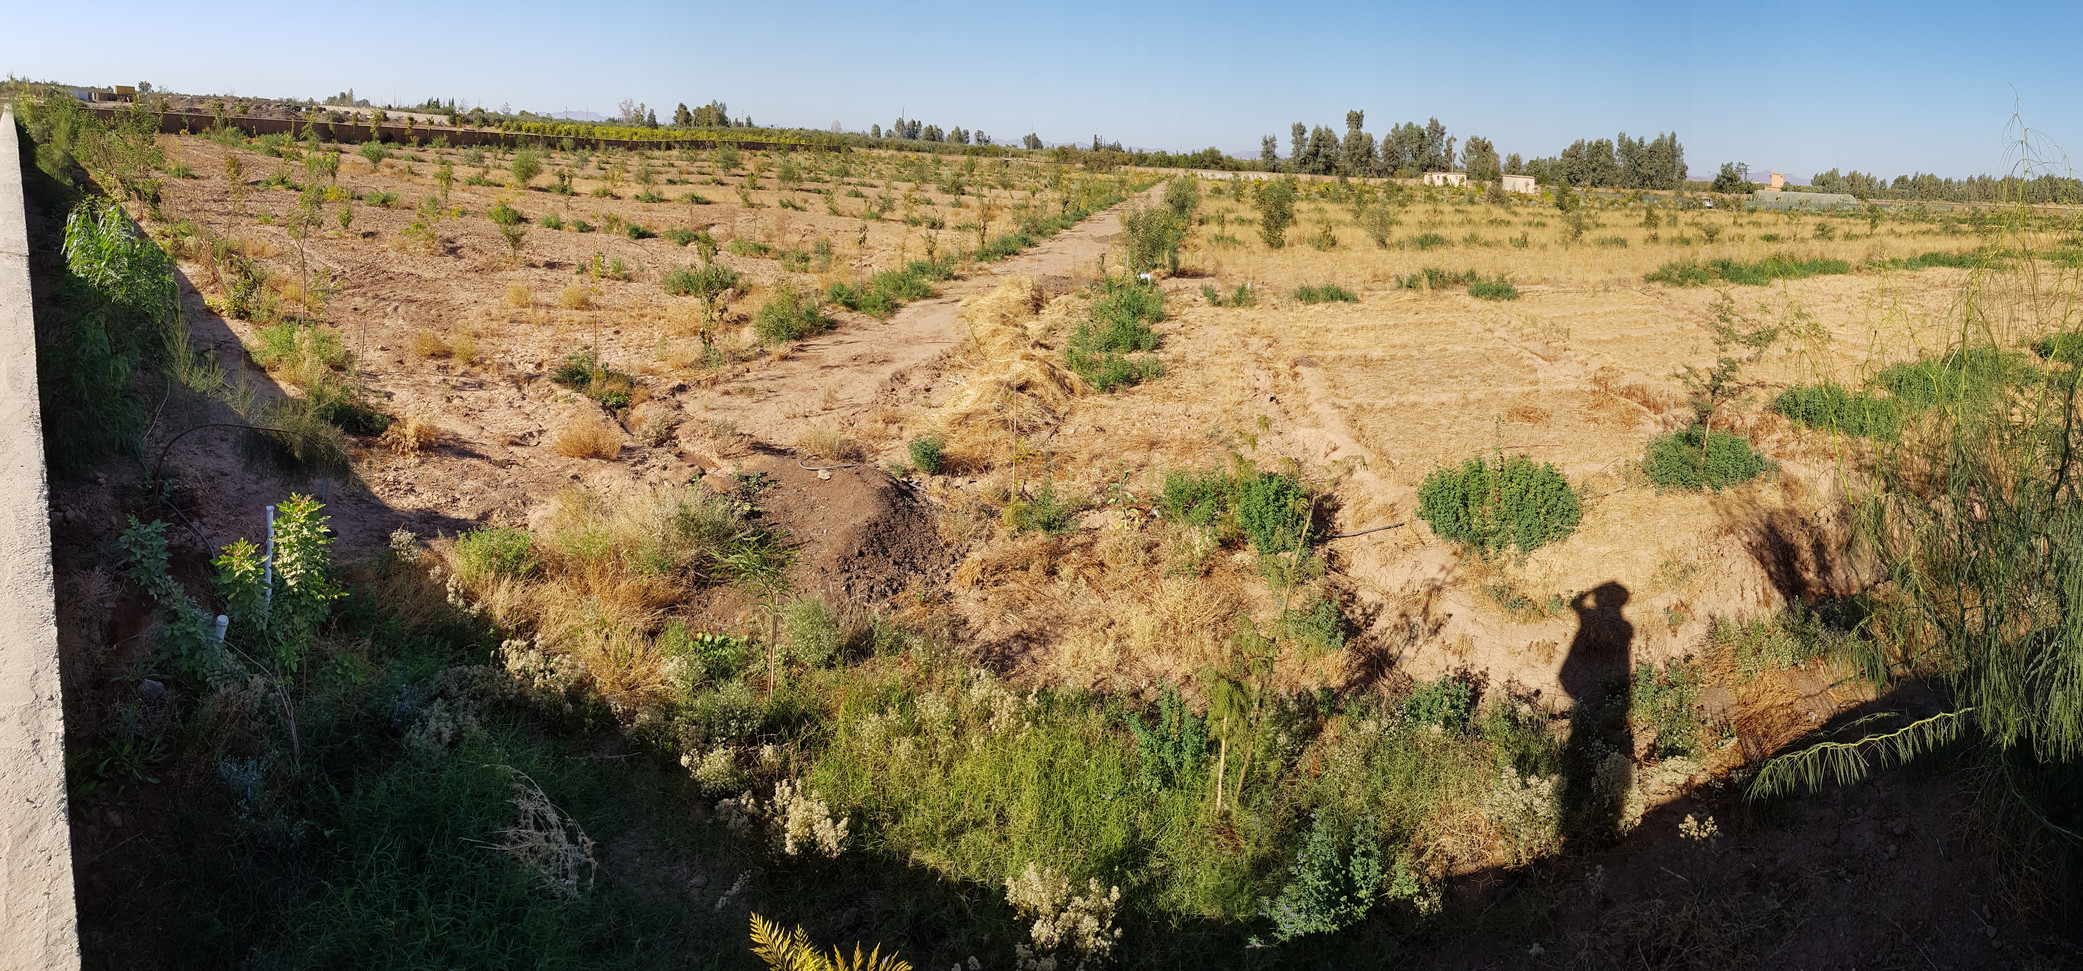 Aprés, système en fonction, période aride, les engrais vers sont sec sur pieds...